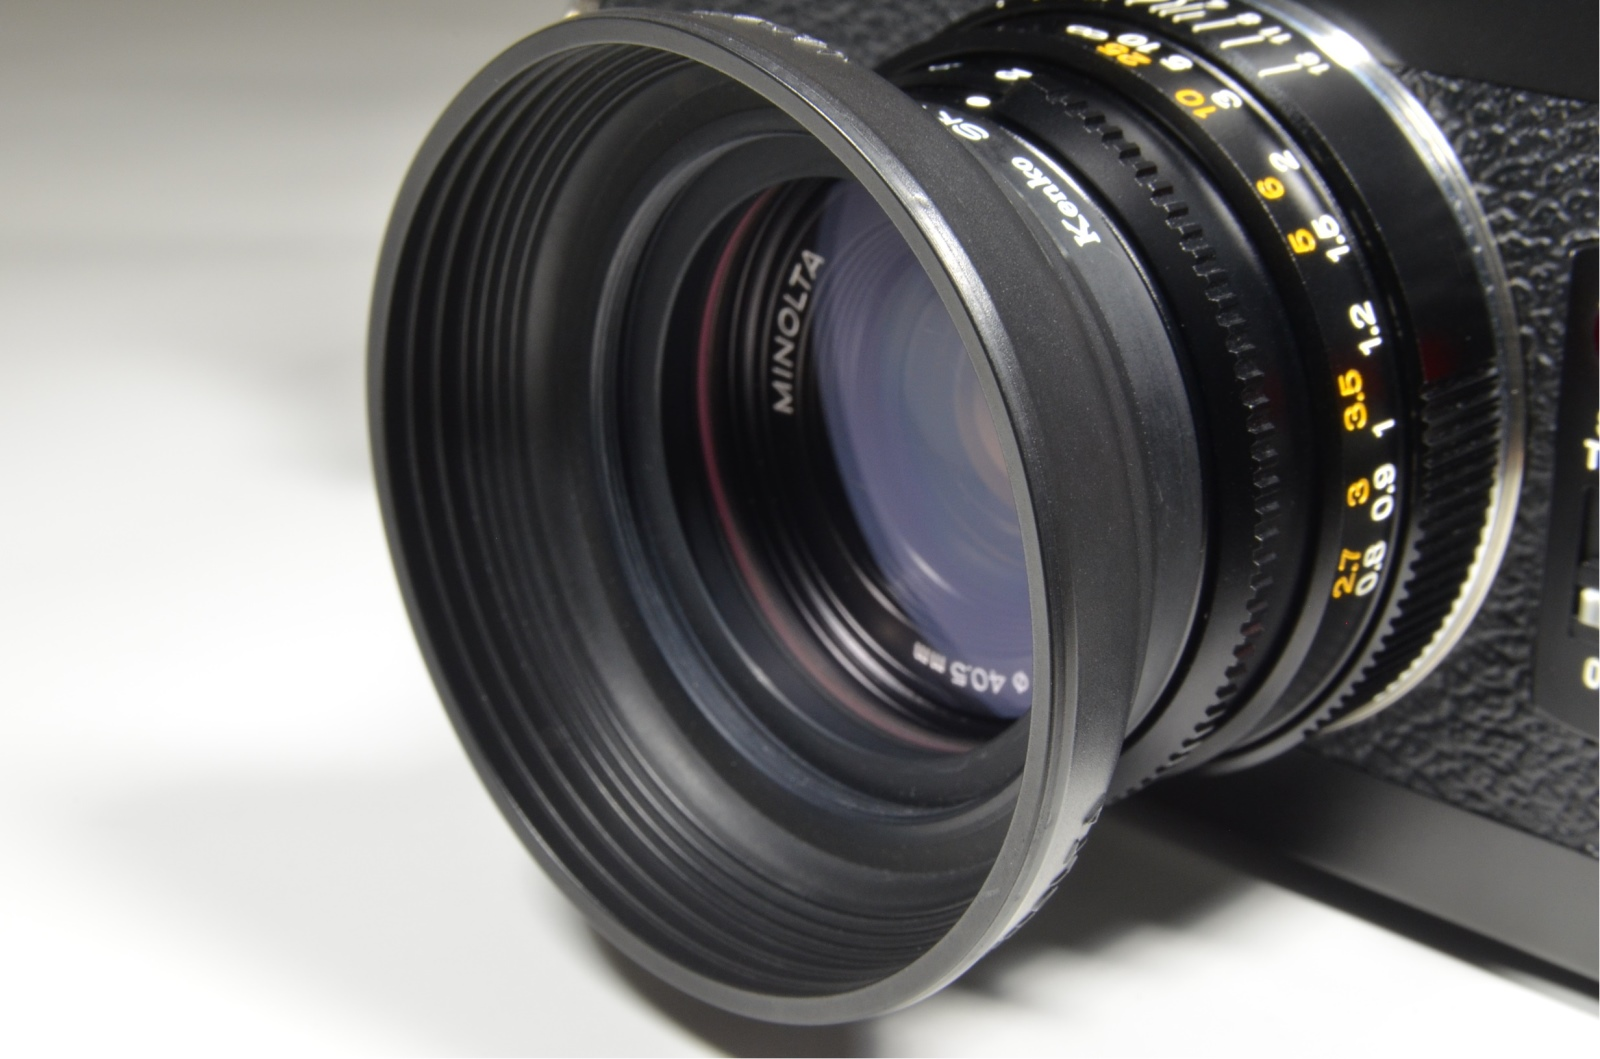 minolta cle 35mm film camera w/ m-rokkor 40mm f2